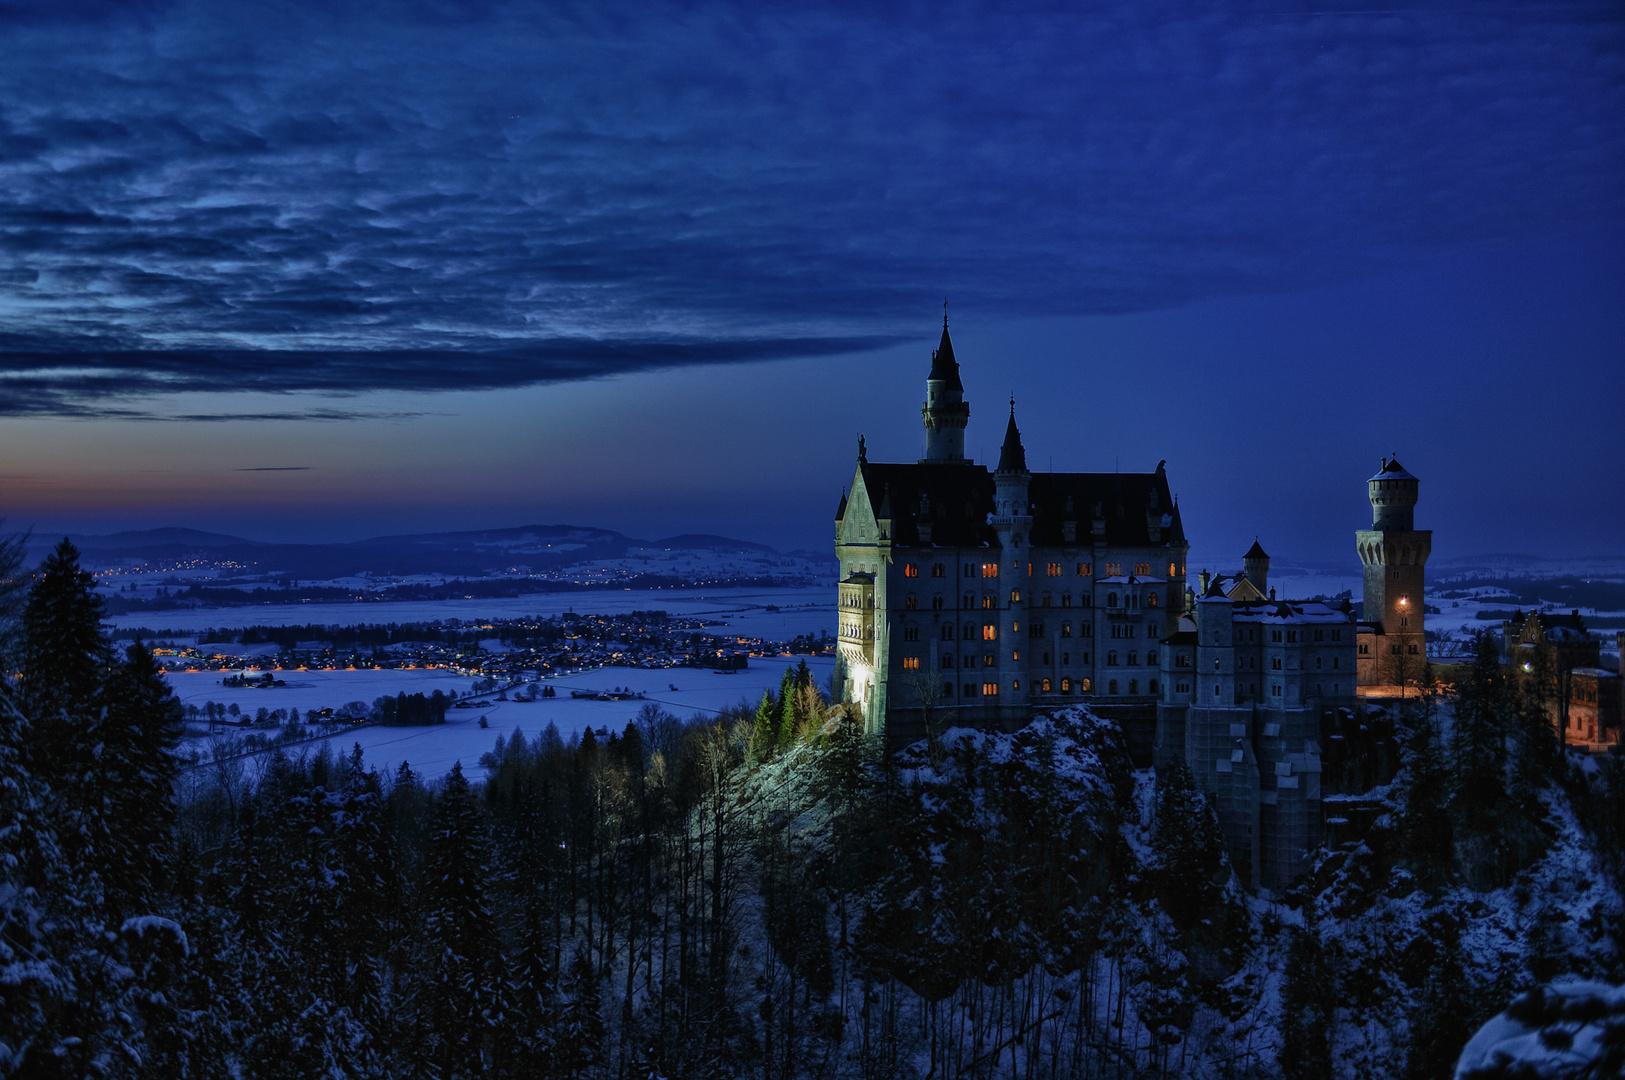 Märchen Schloss König Ludwig